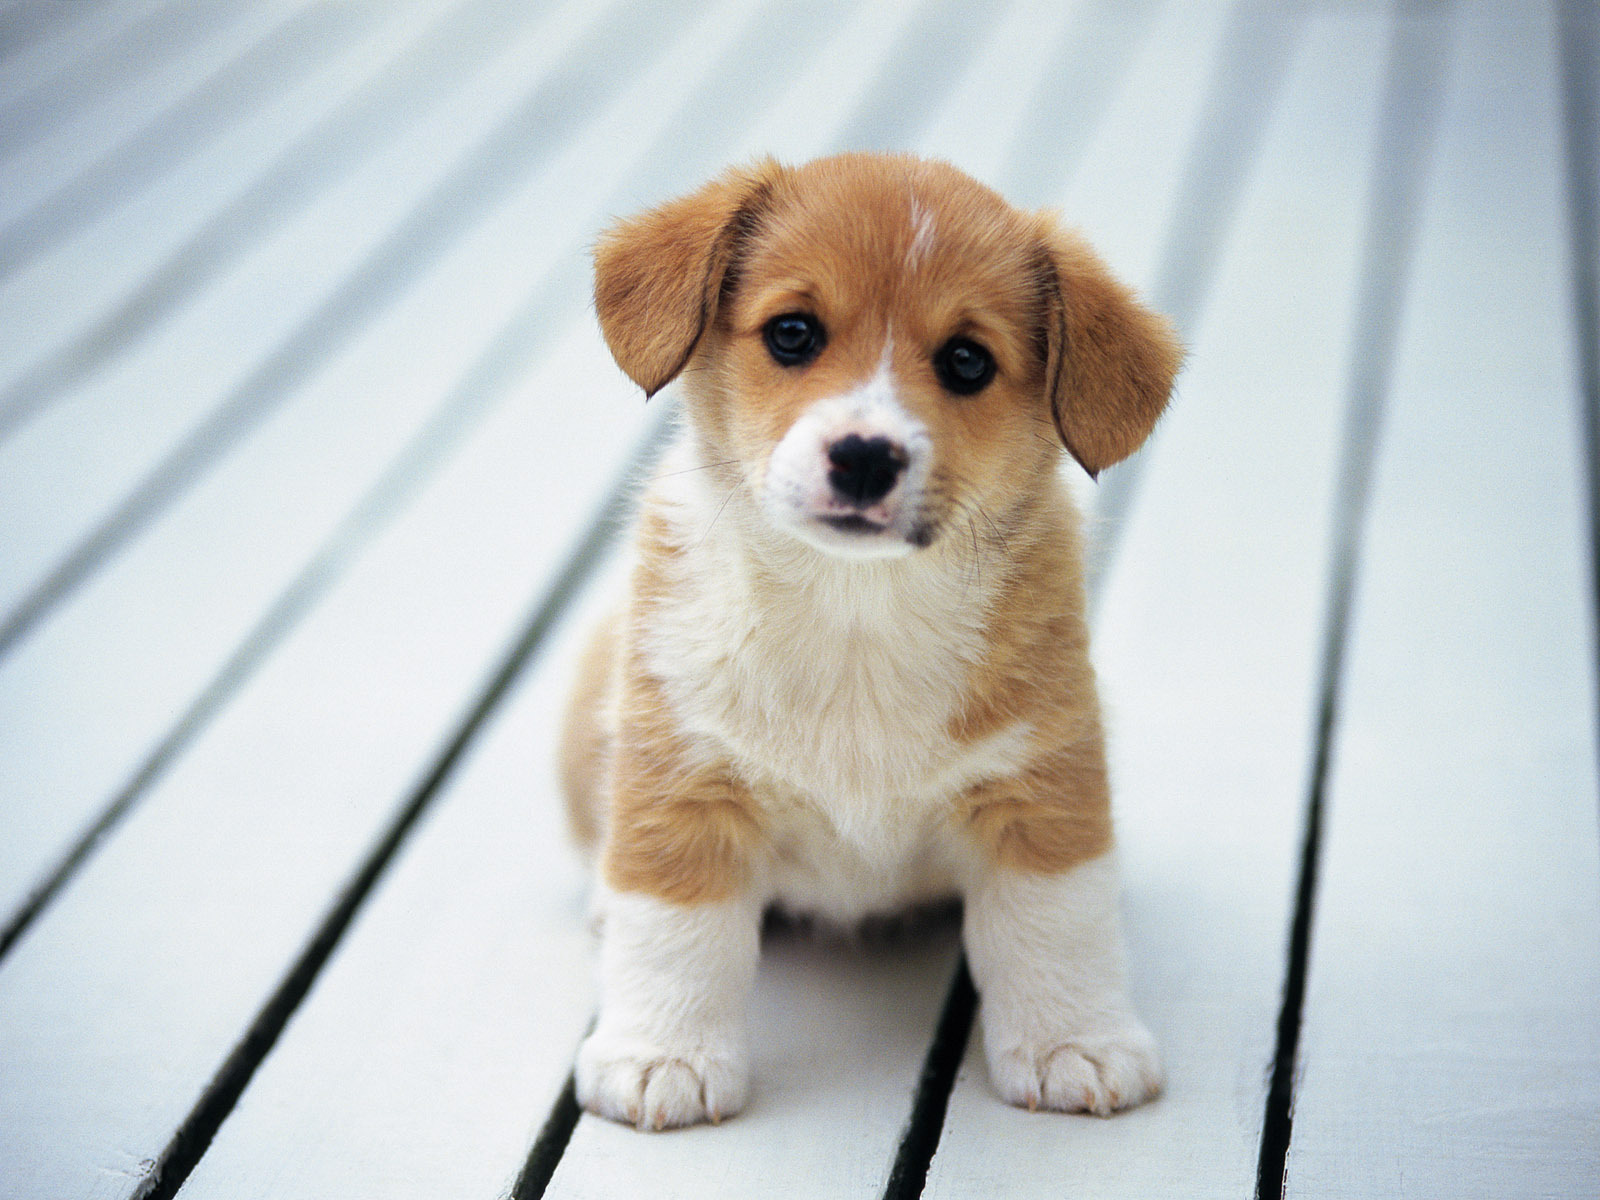 http://4.bp.blogspot.com/-lmRaRnVn7oM/UJiu4Aww8CI/AAAAAAAABYI/VS99w3s8LIM/s1600/Puppy+Pictures.jpg